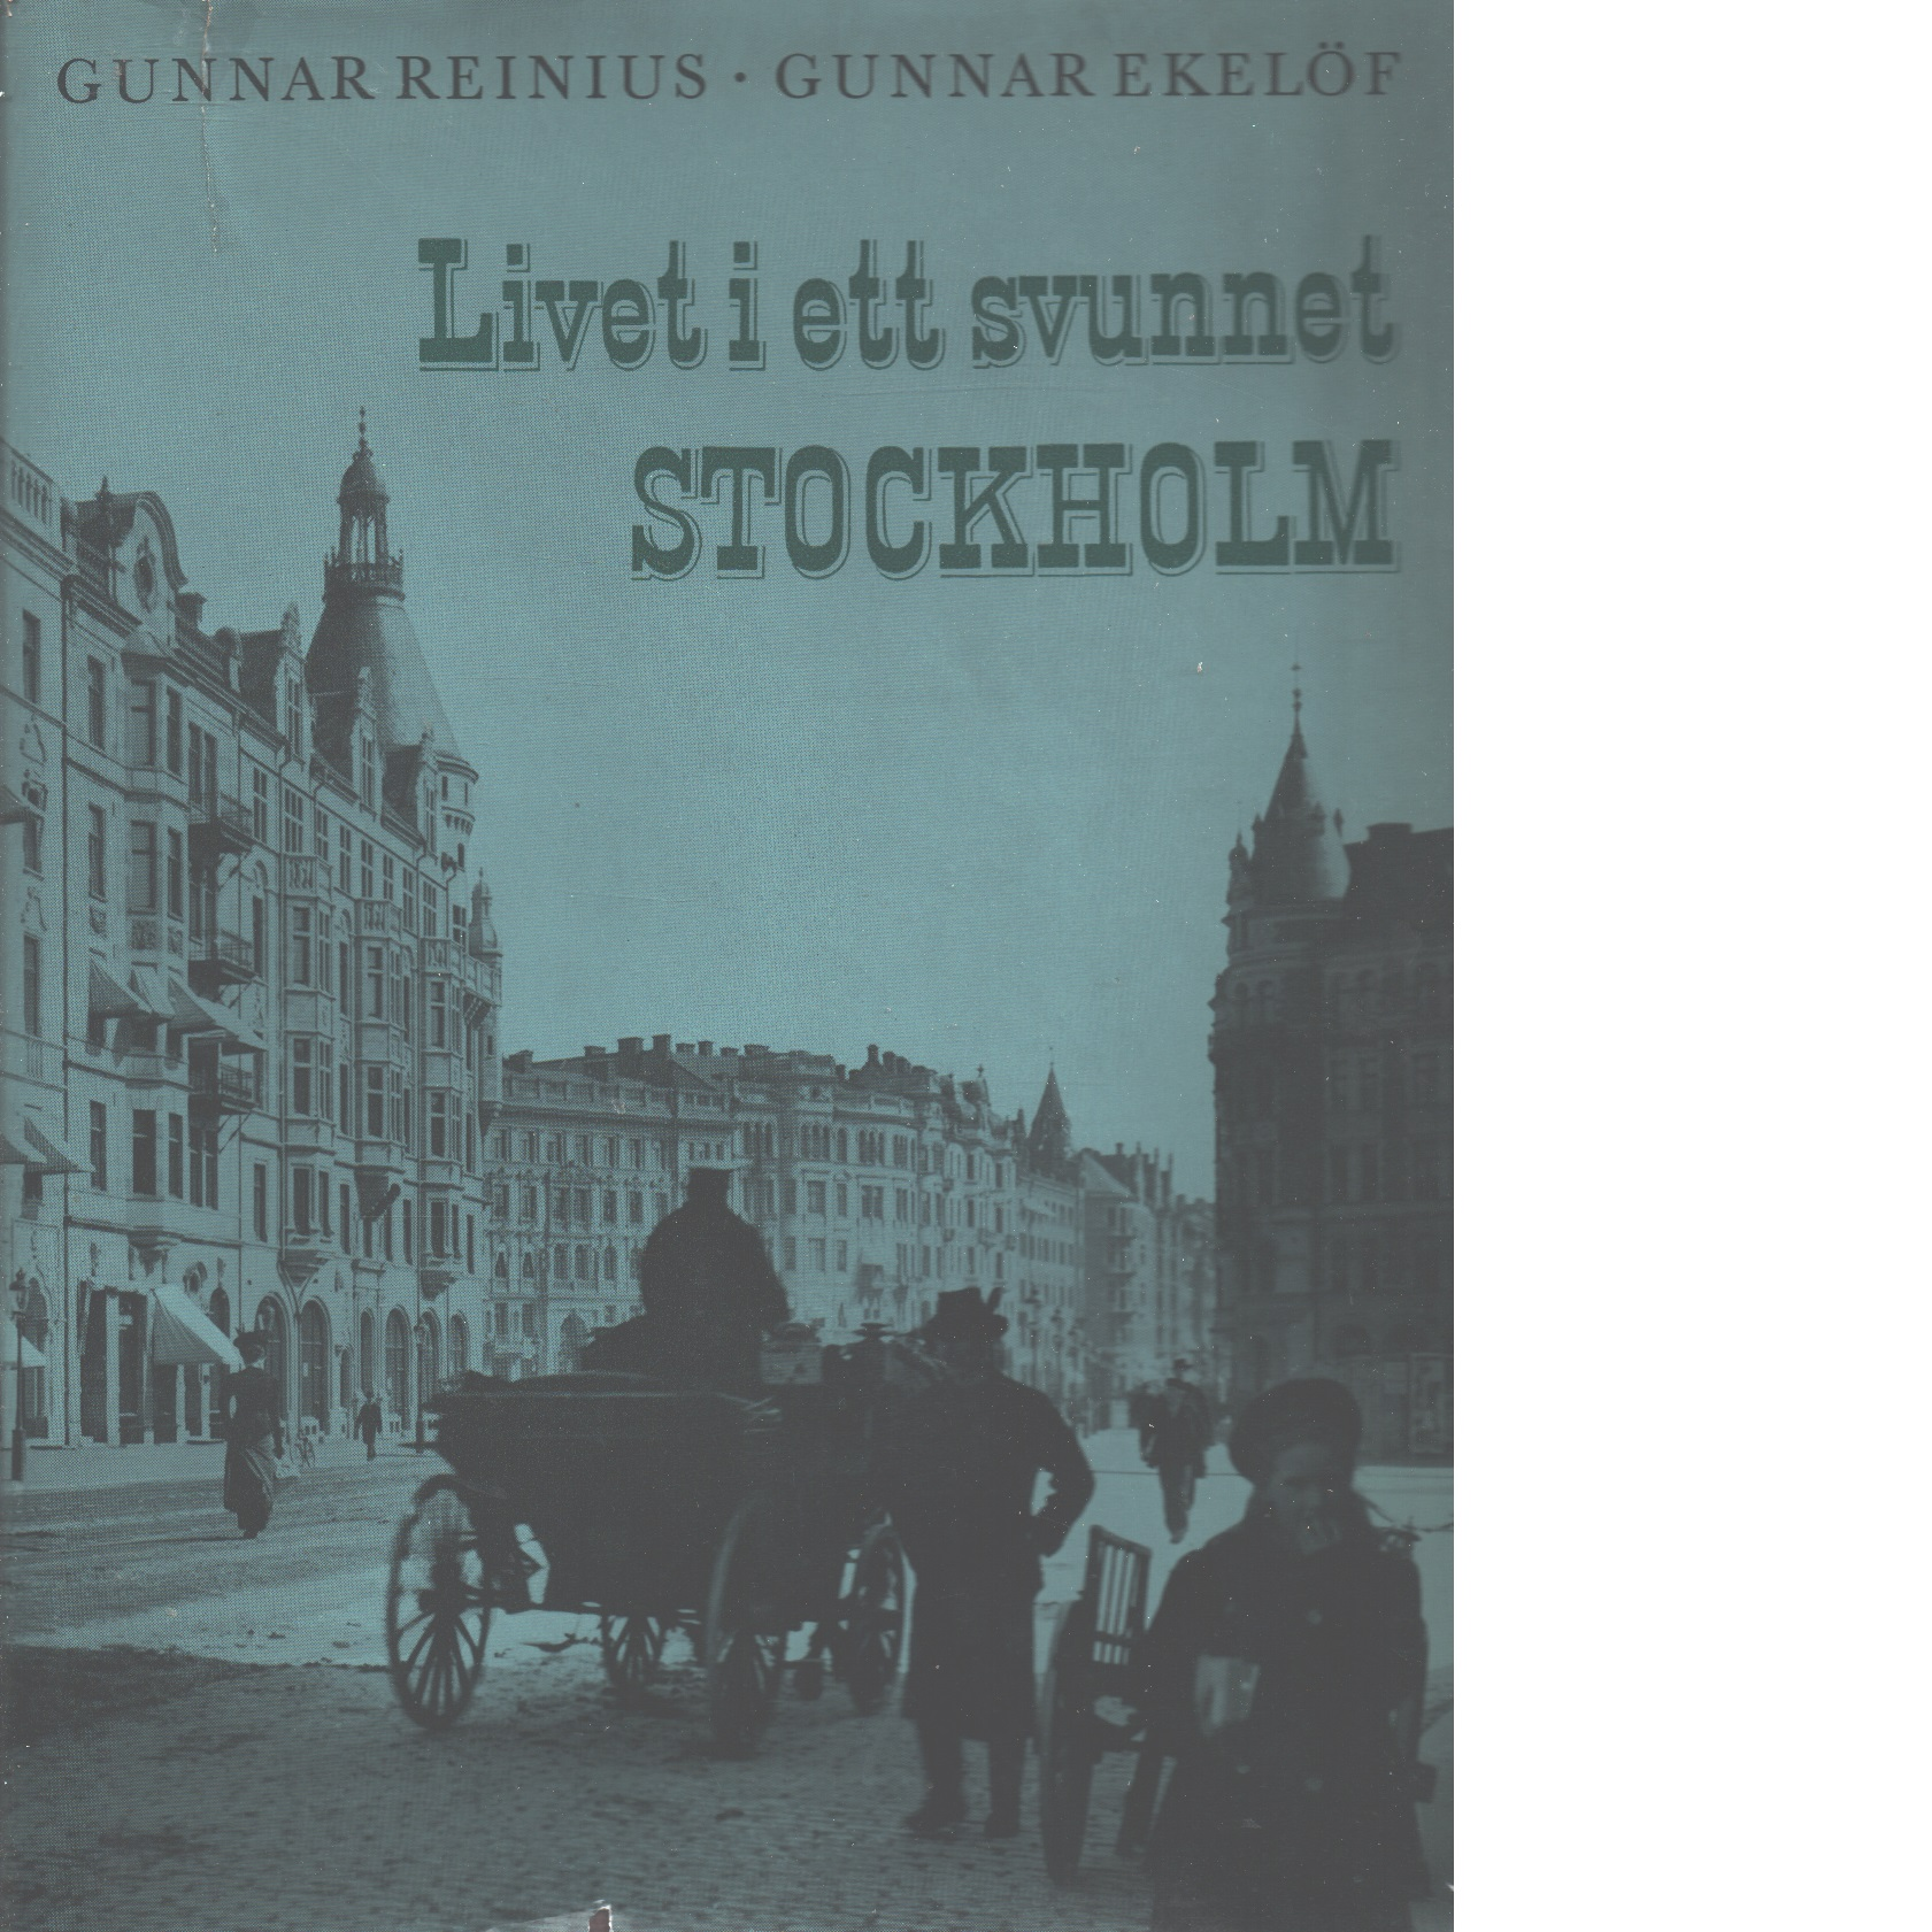 Livet i ett svunnet Stockholm - Reinius, Gunnar Och Ekelöf, Gunnar